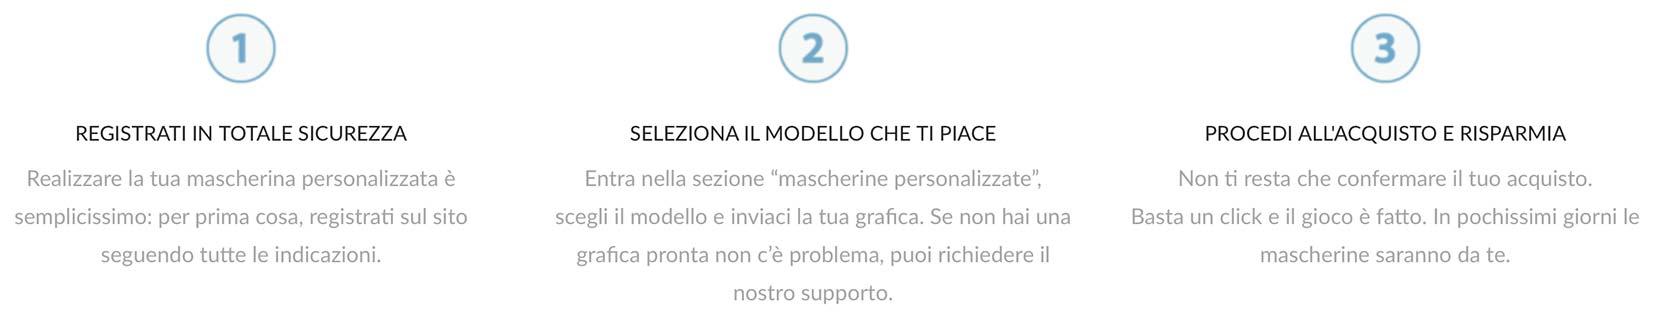 Vendita Mascherine Personalizzate Roma